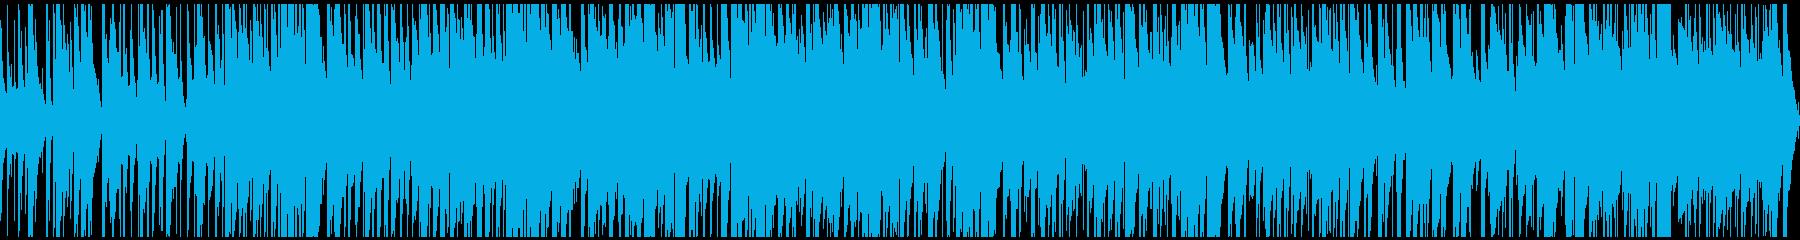 カフェで流れるようなJAZZ ループ仕様の再生済みの波形